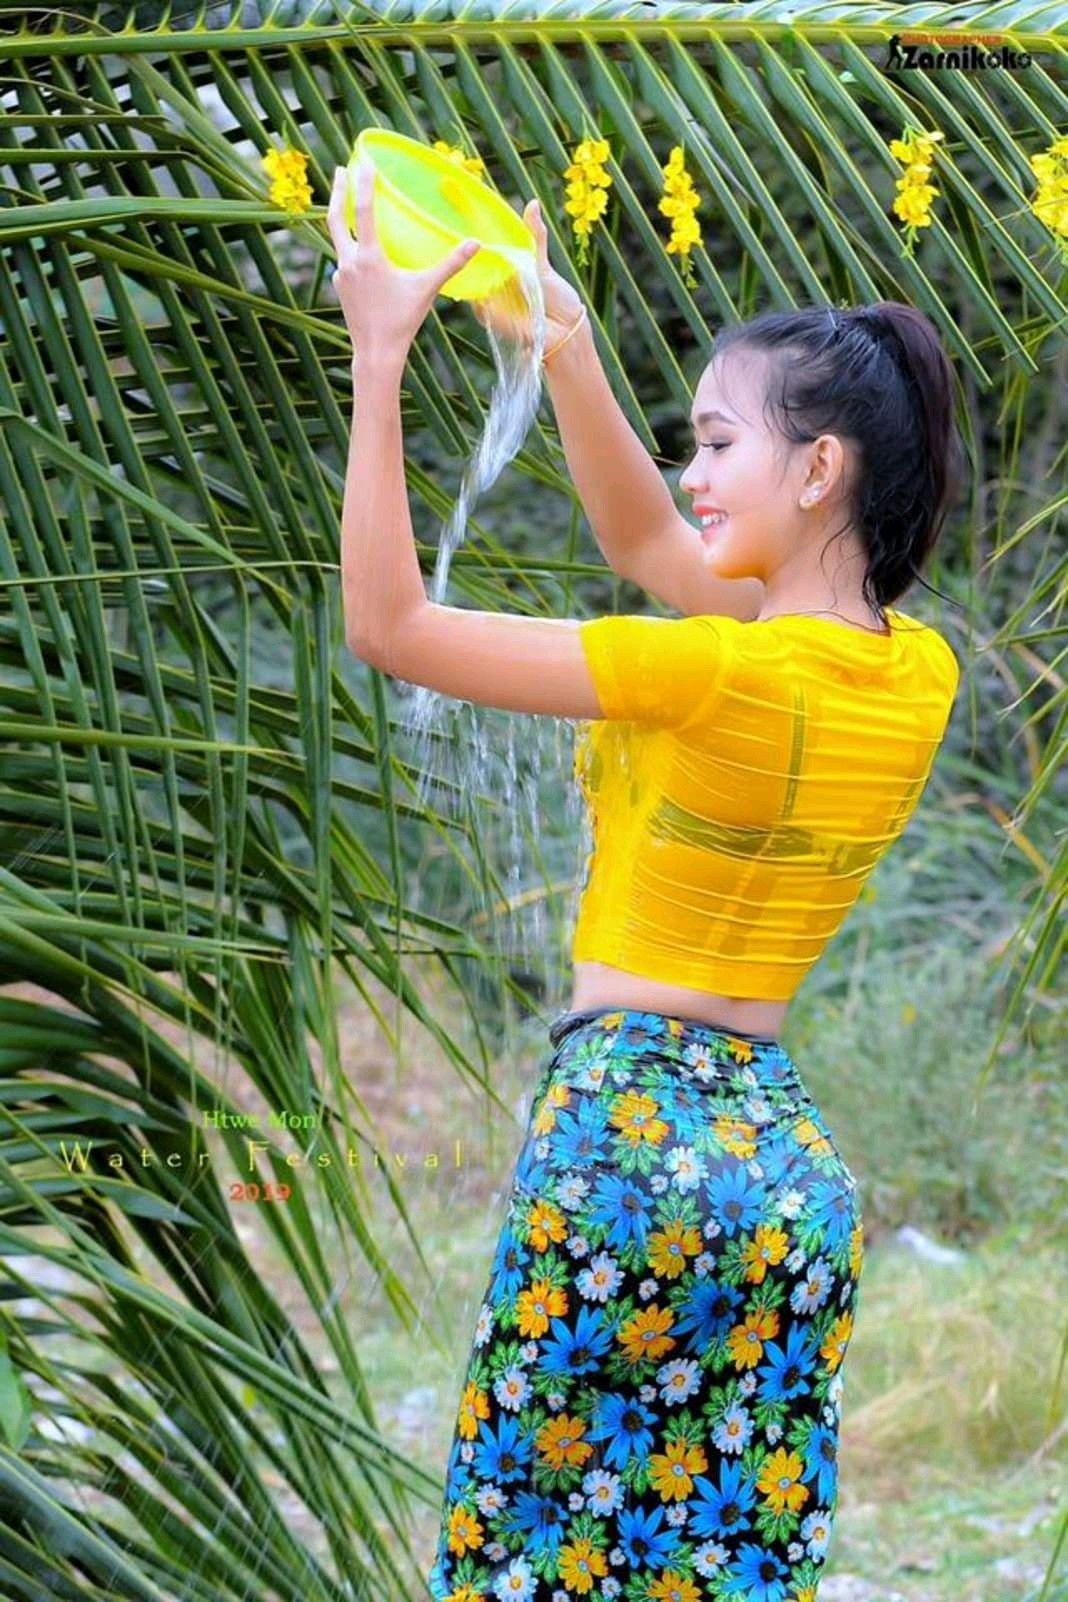 美人 ミャンマー ミャンマー人女性の性格の特徴5つ|美人/かわいい/イケメン